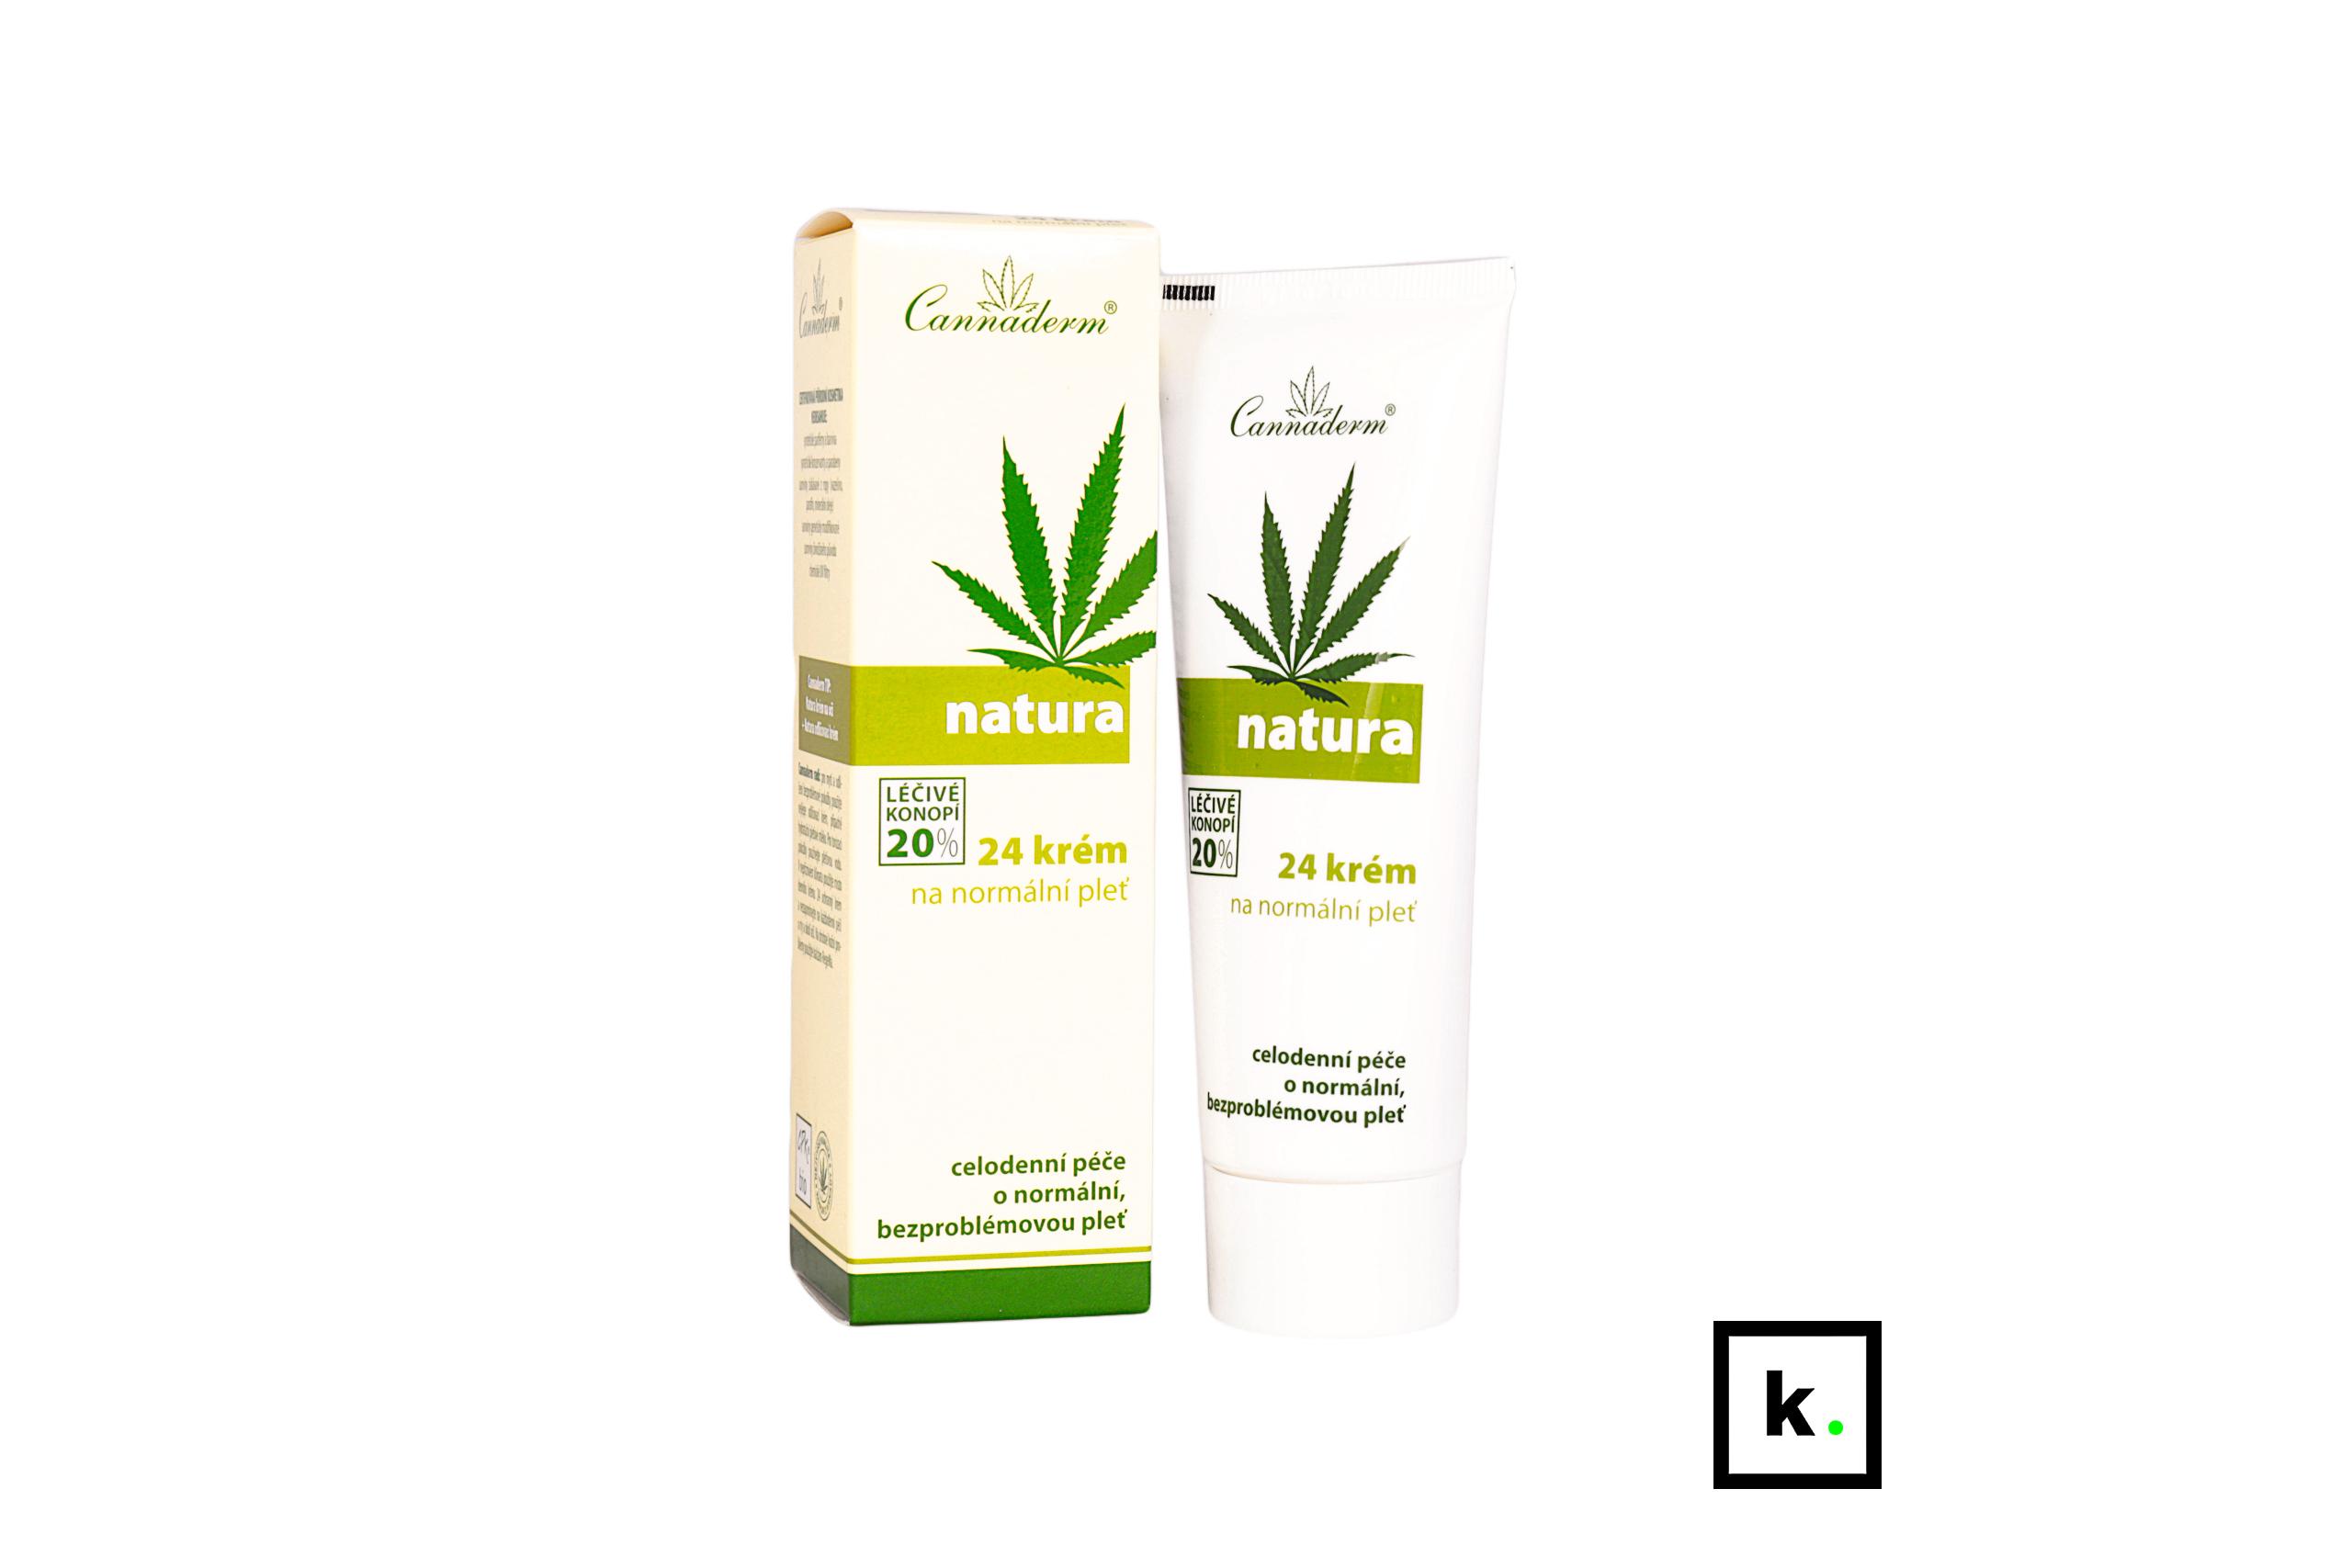 Cannaderm Natura24 konopny krem do skóry normalnej - 75 g